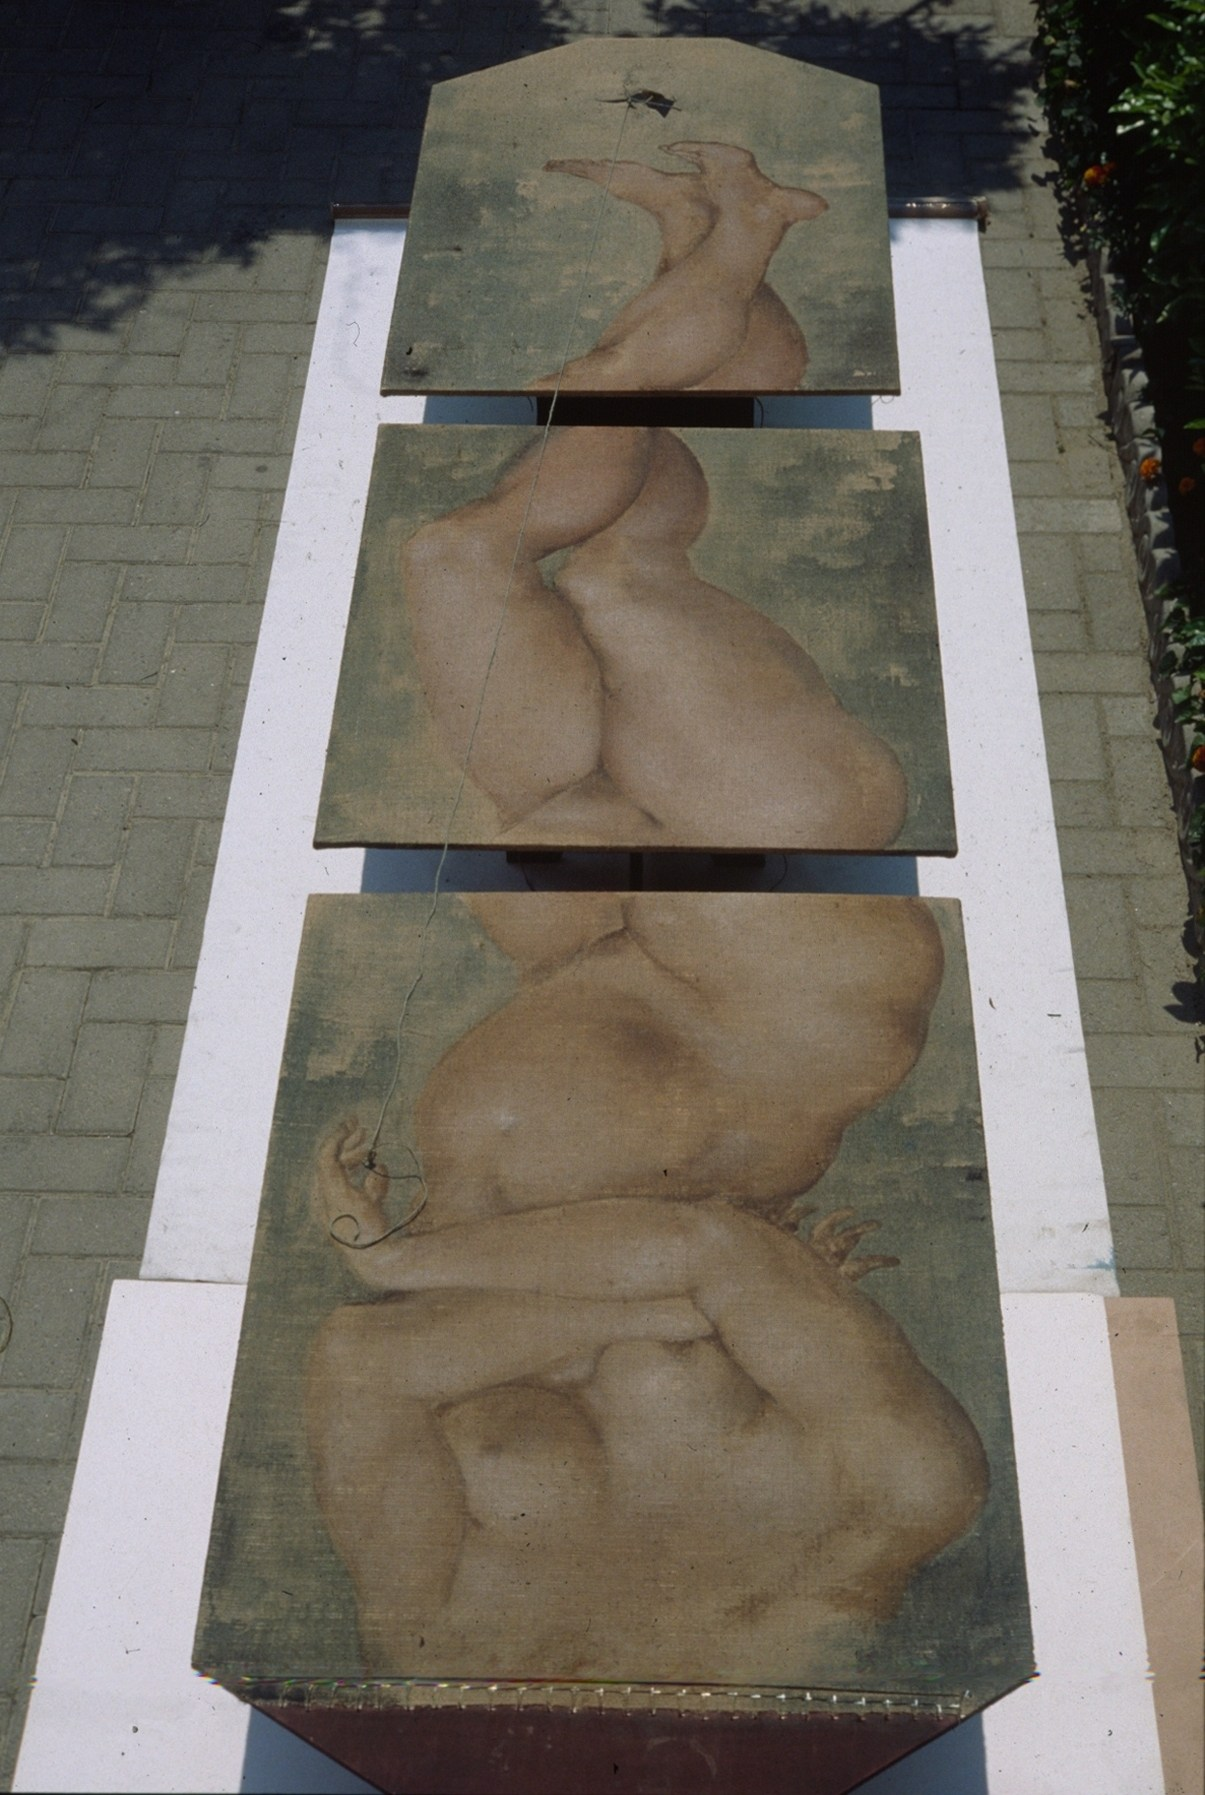 una-tovaglia-divisa-in-tre-96-tempera-muraria-su-juta-e-tavola-380x92x50h